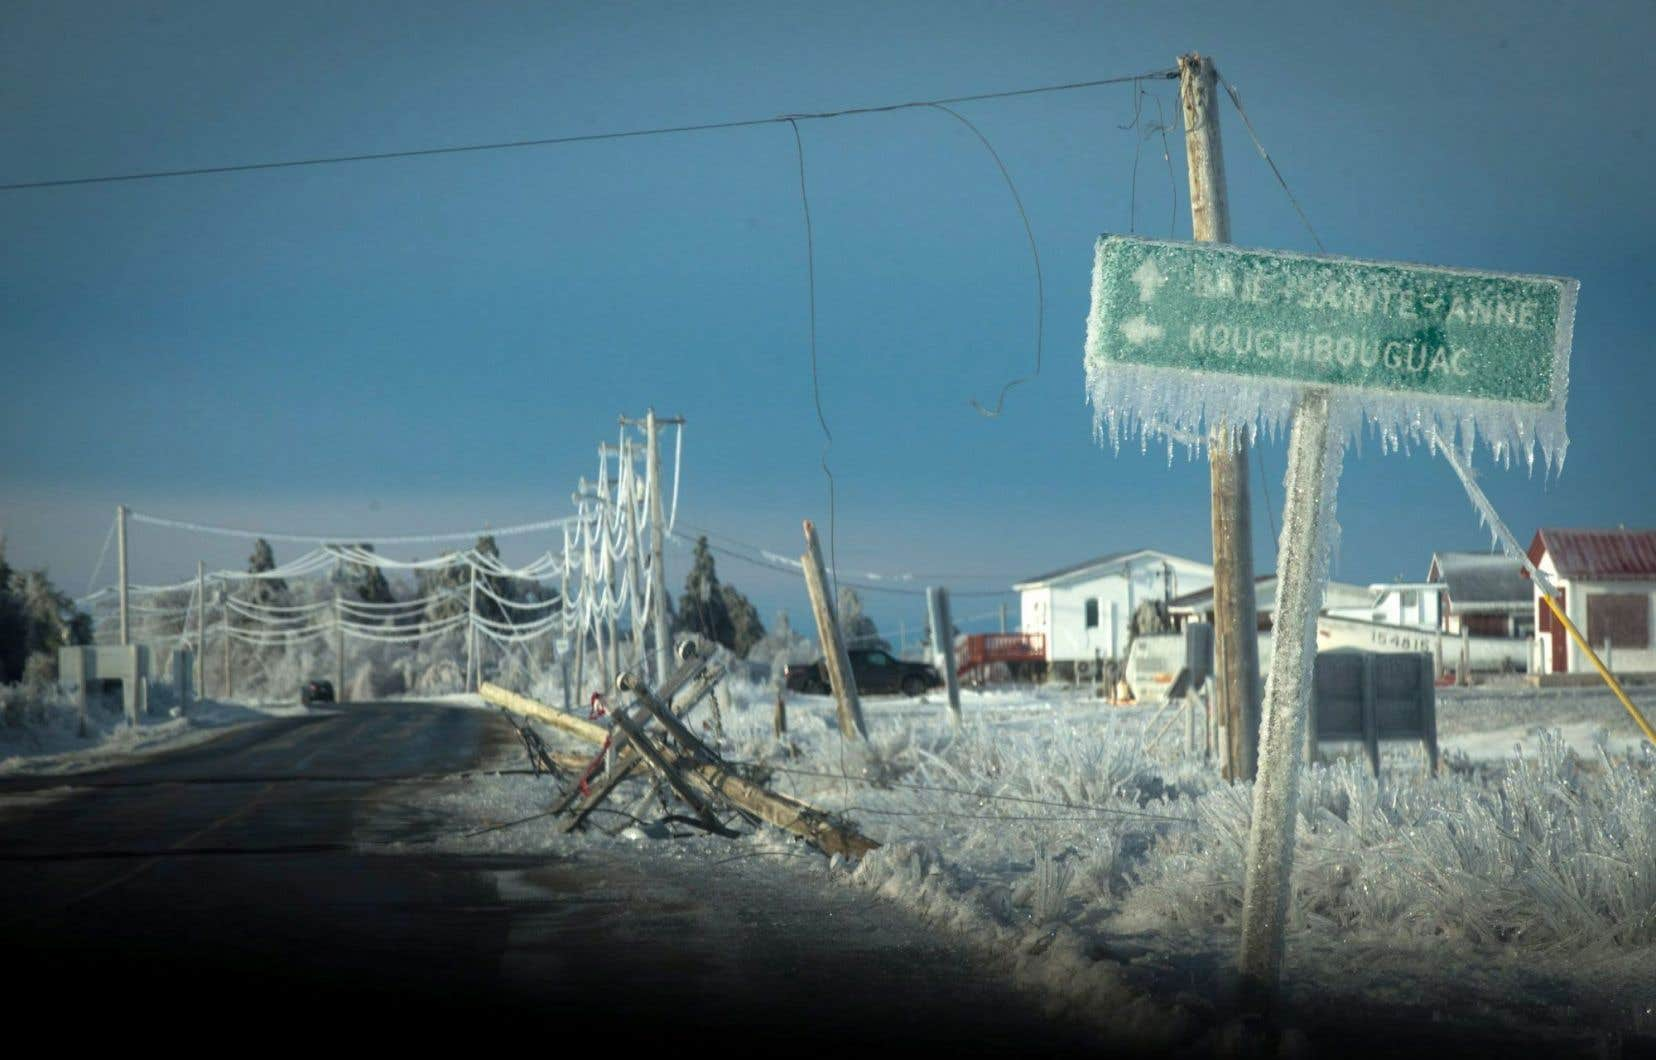 Plus de 25 000 foyers étaient toujours privés de courant dimanche, selon Énergie Nouveau-Brunswick.